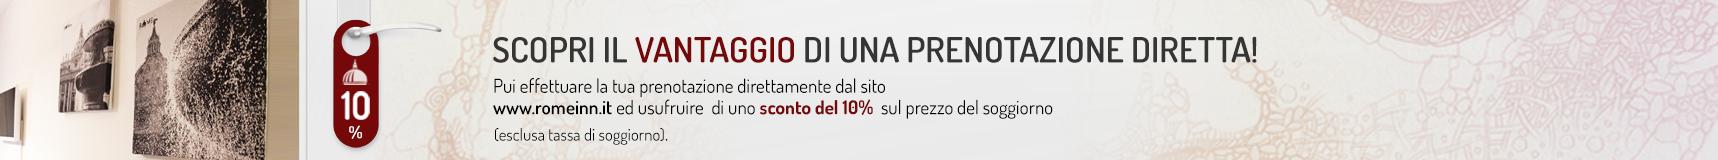 sconto-pernottamento-10-percento-alla-prenotazioene-romeinn-alloggi-roma